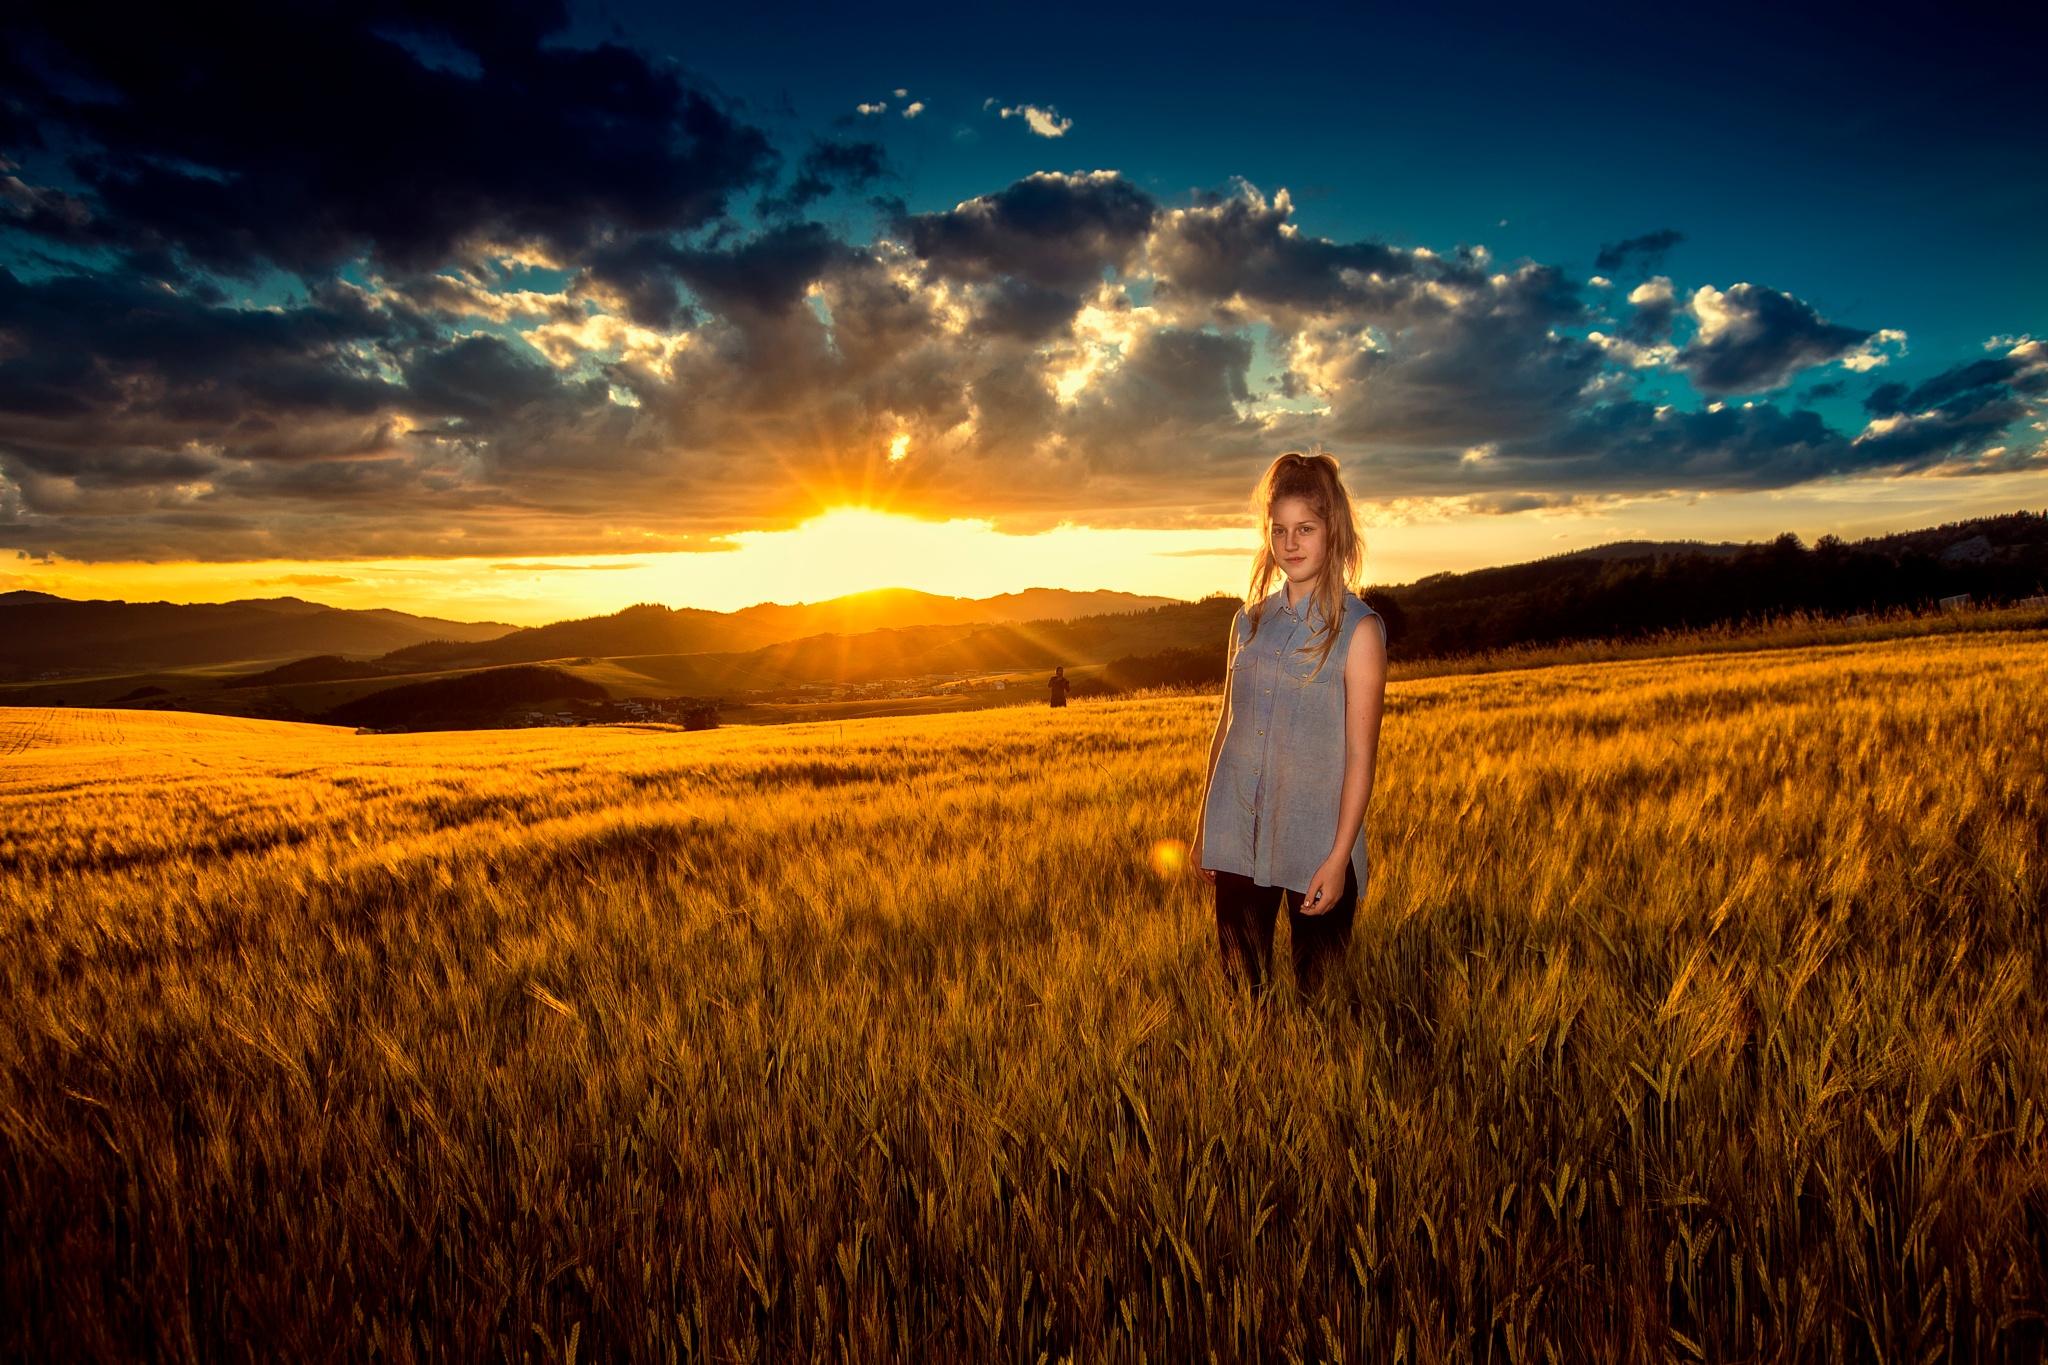 Sunset by Krzysztof Mackiewicz